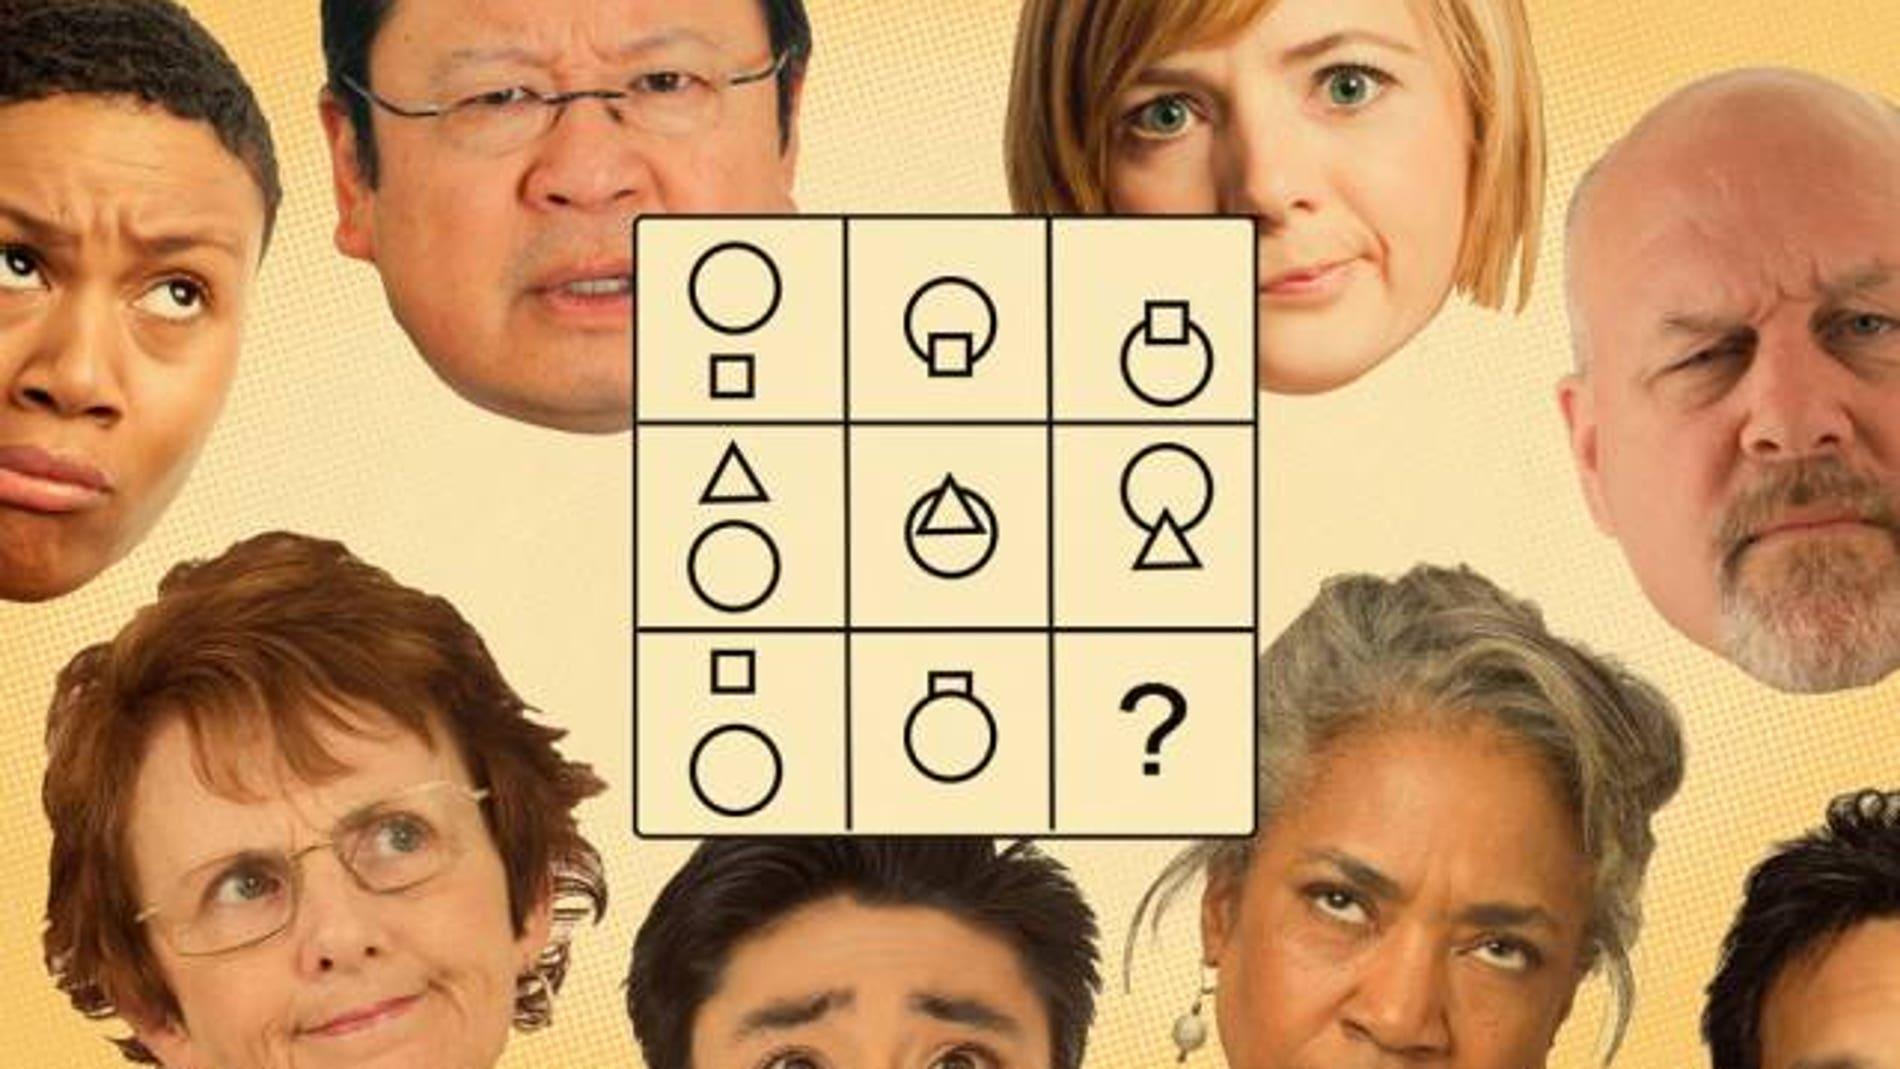 La edad modifica tus habilidades cerebrales